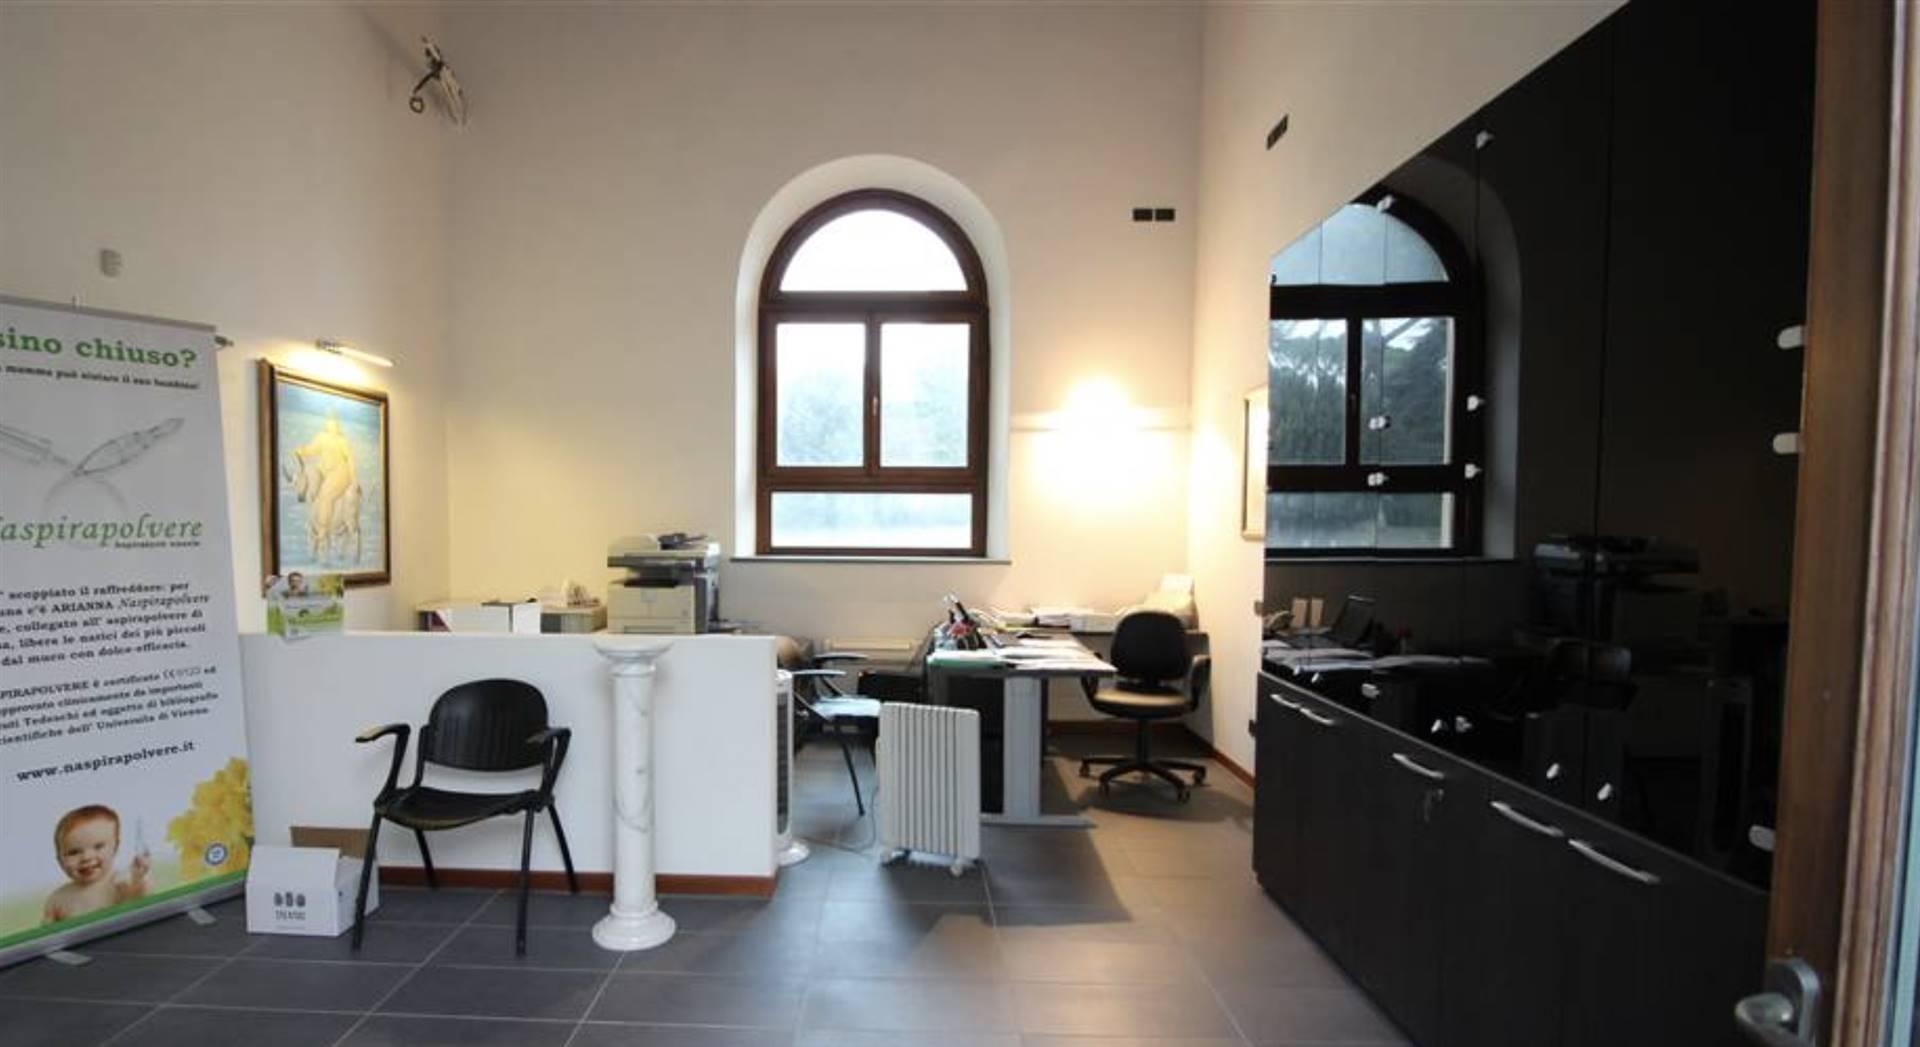 Ufficio / Studio in vendita a Scandicci, 2 locali, zona Località: CENTRO, prezzo € 190.000   CambioCasa.it